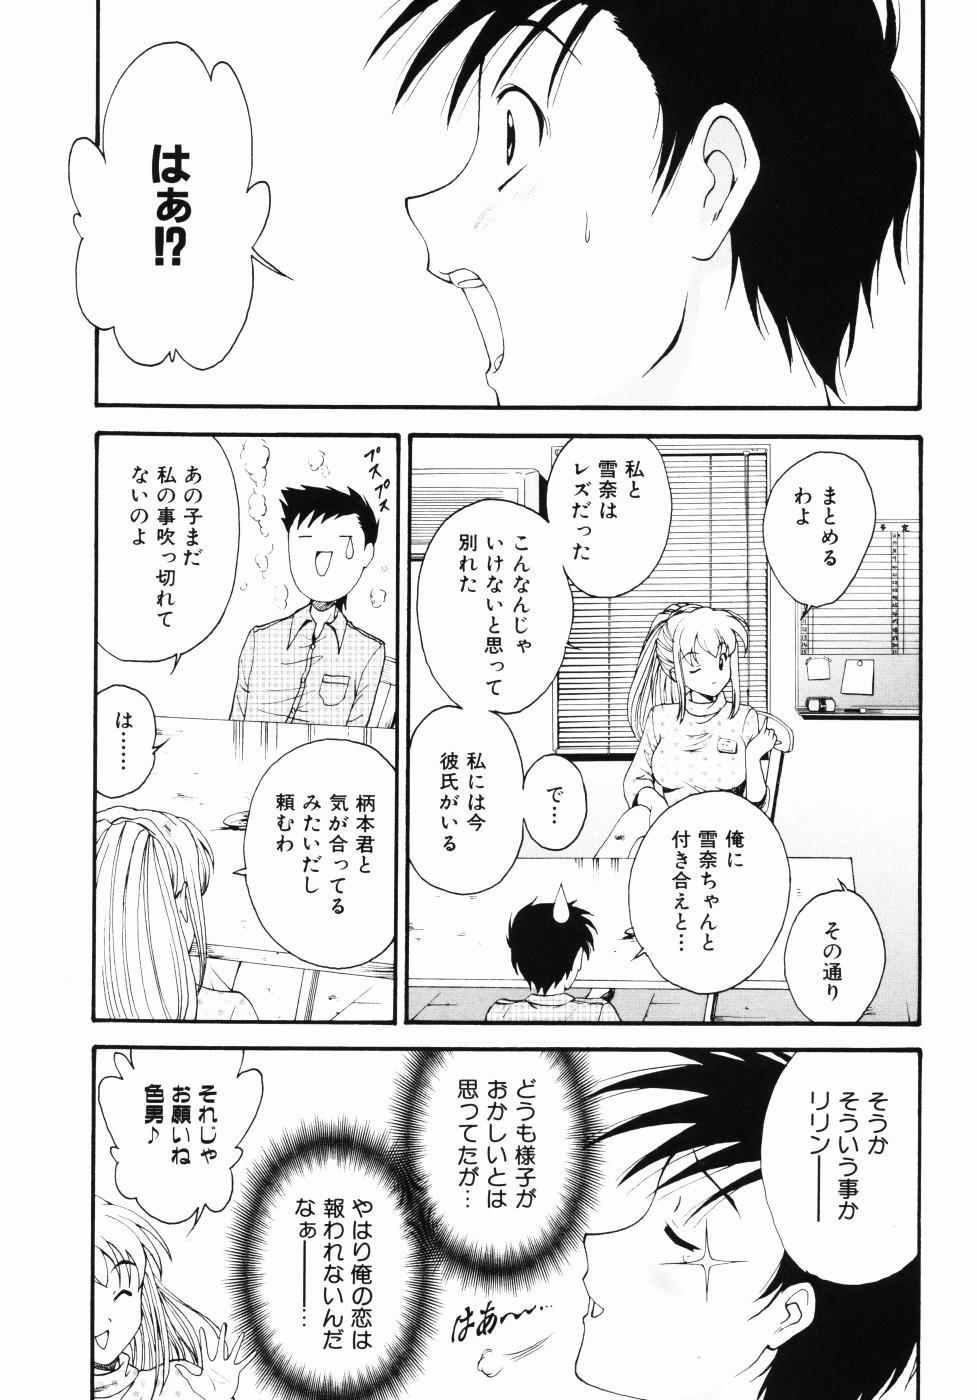 Daikyou Megami 87